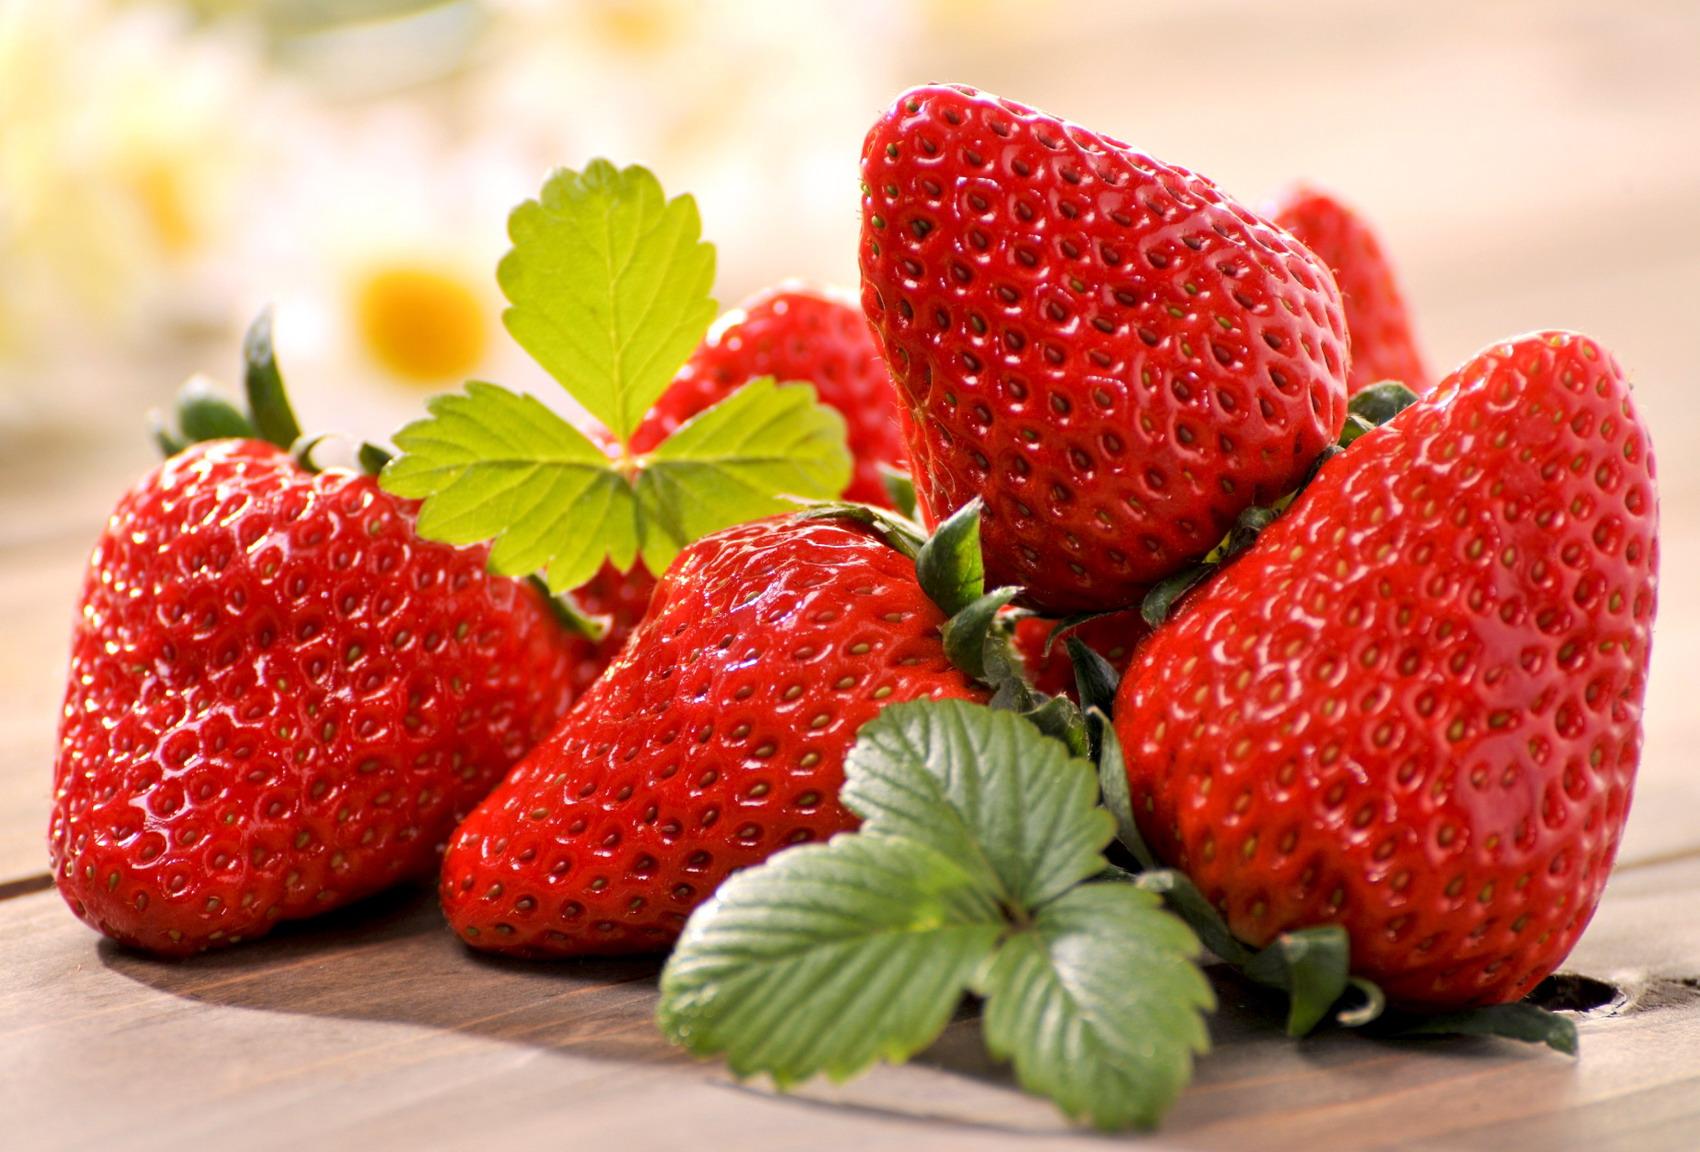 Il Diabetico Può Mangiare Le Fragole Ed Altra Frutta